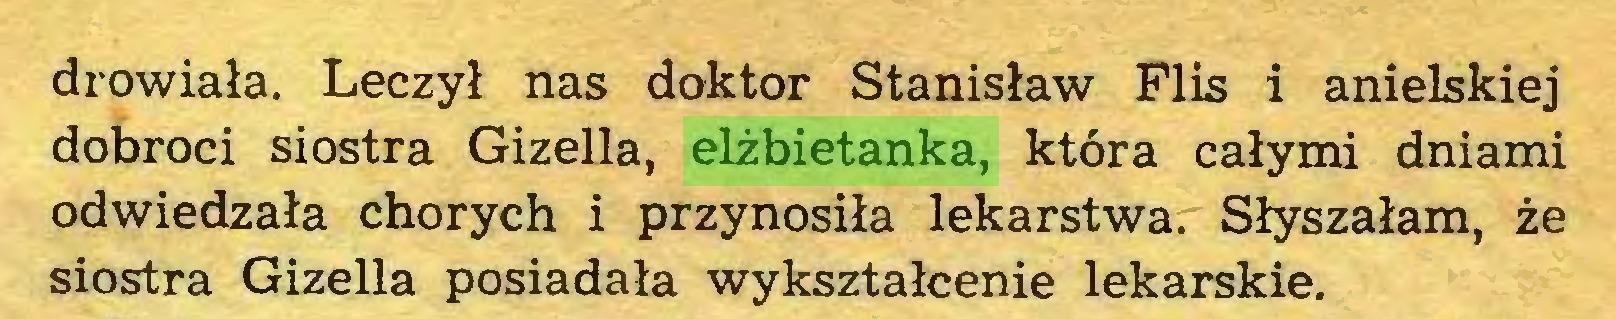 (...) drowiała. Leczył nas doktor Stanisław Flis i anielskiej dobroci siostra Gizella, elżbietanka, która całymi dniami odwiedzała chorych i przynosiła lekarstwa. Słyszałam, że siostra Gizella posiadała wykształcenie lekarskie...